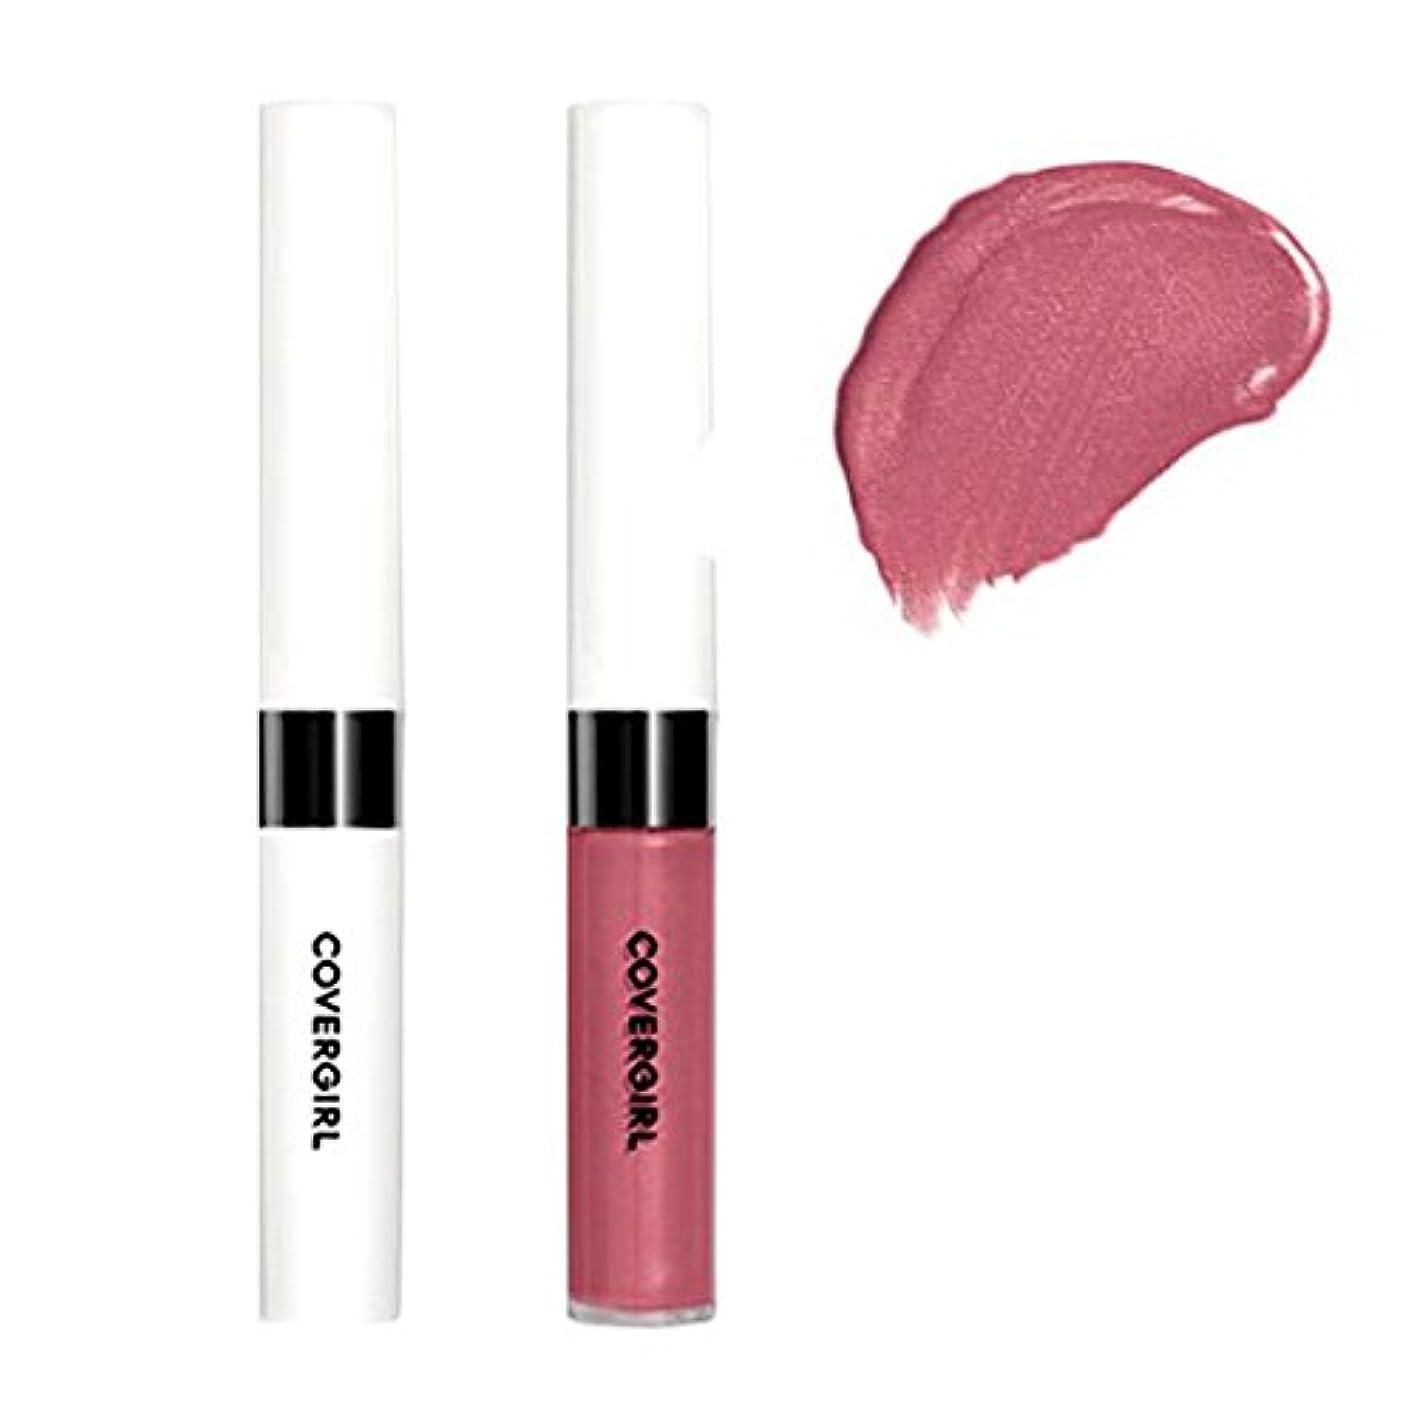 取り扱いクレアどちらかCOVERGIRL Outlast All-Day Moisturizing Lip Color, 555 Blossom Berry (Packaging may vary) [海外直送品]